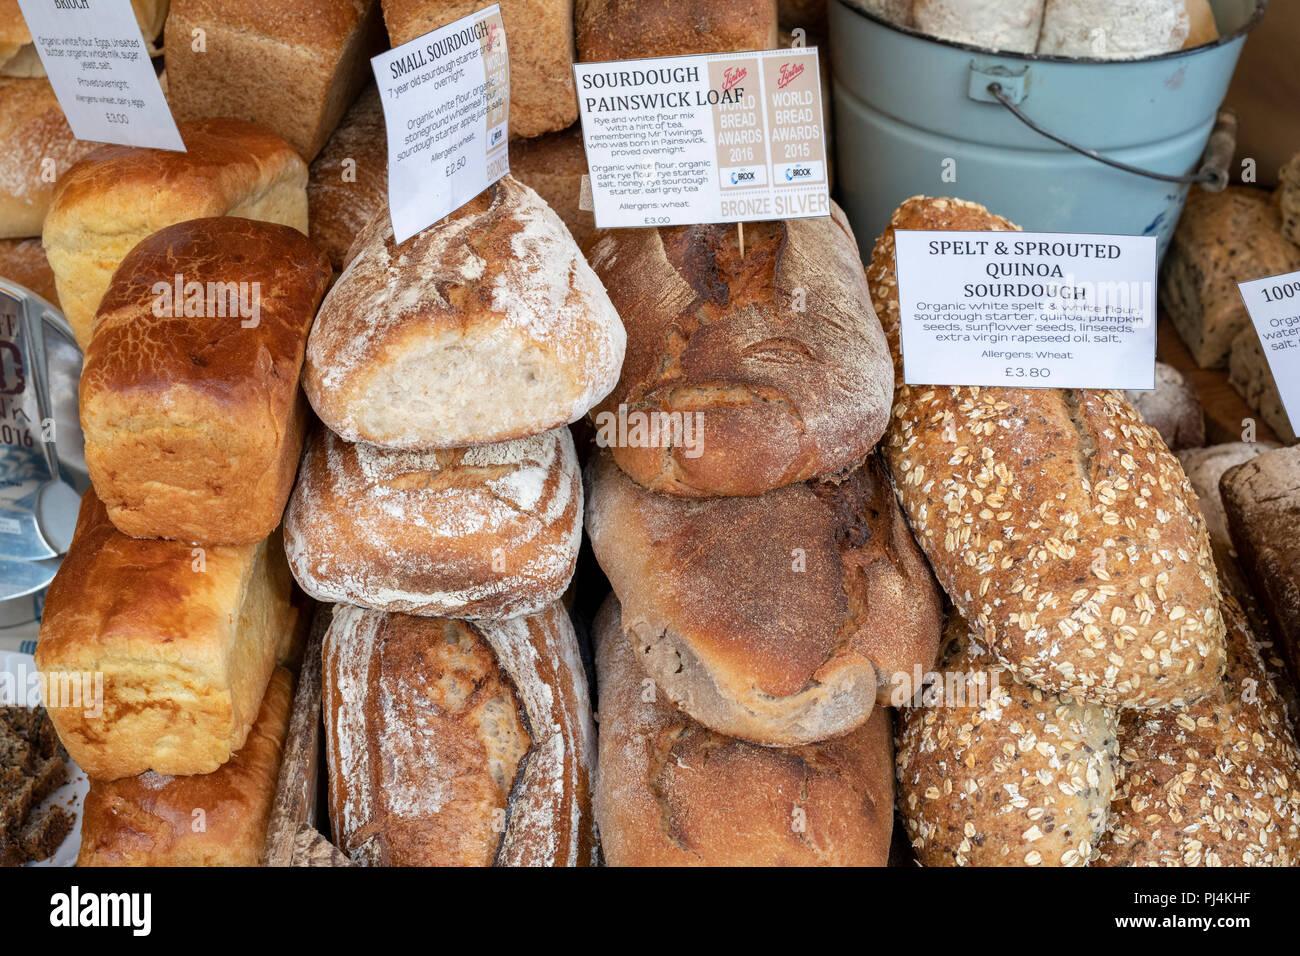 Pane di pasta acida per la vendita su l'artigiano panettiere stallo a stroud farmers market. Stroud, Gloucestershire, Inghilterra Immagini Stock